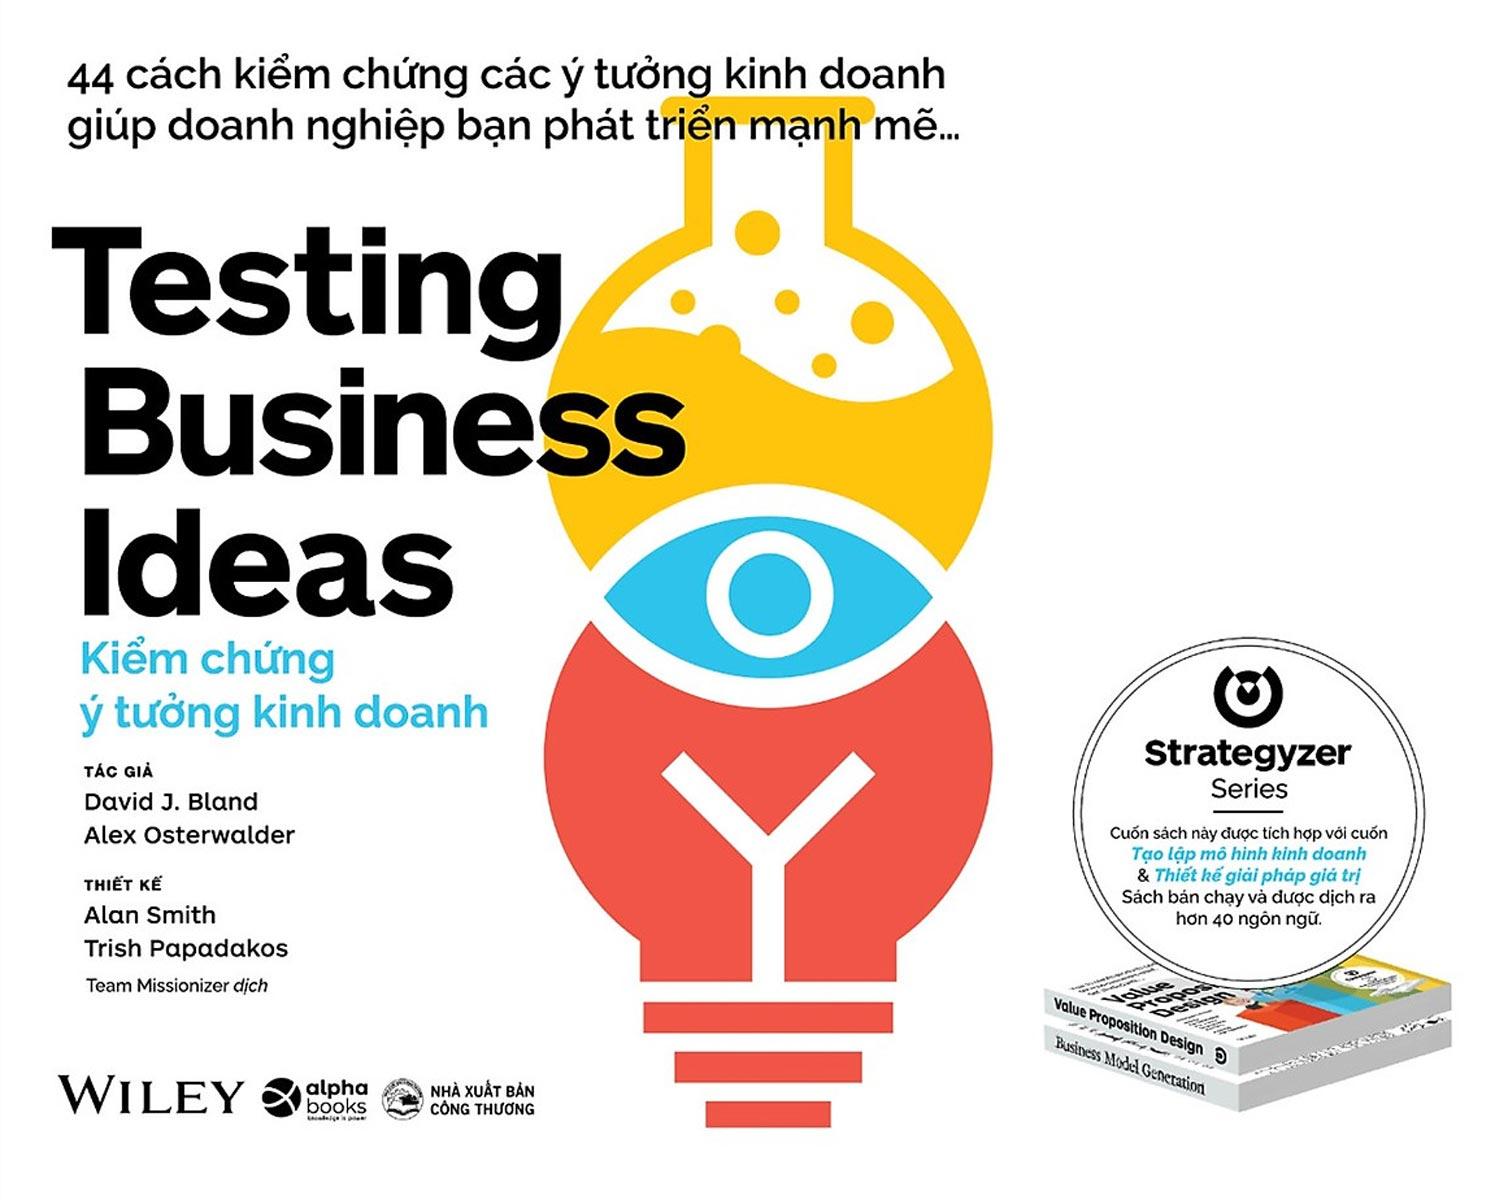 Kiểm Chứng Ý Tưởng Kinh Doanh - Testing Business Ideas